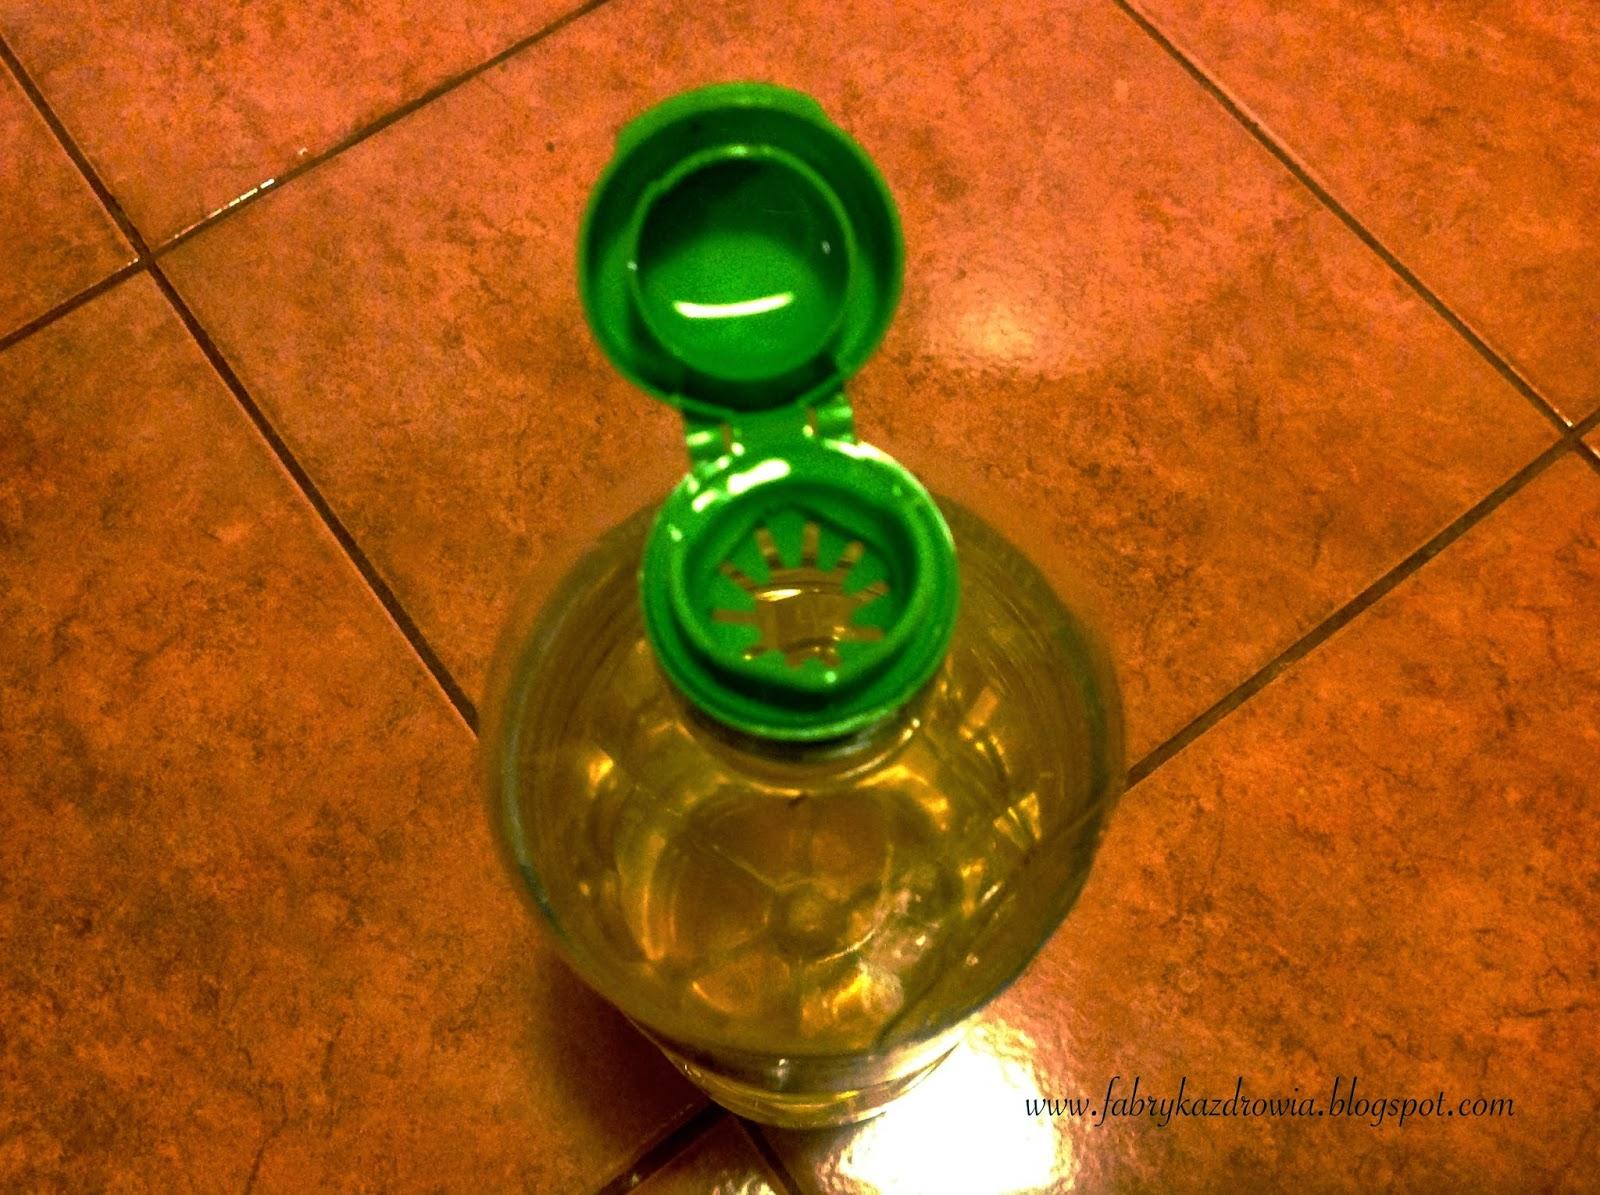 100 produktów, które musisz mieć w domu #13 – olej rzepakowy i które tłuszcze są zdrowe